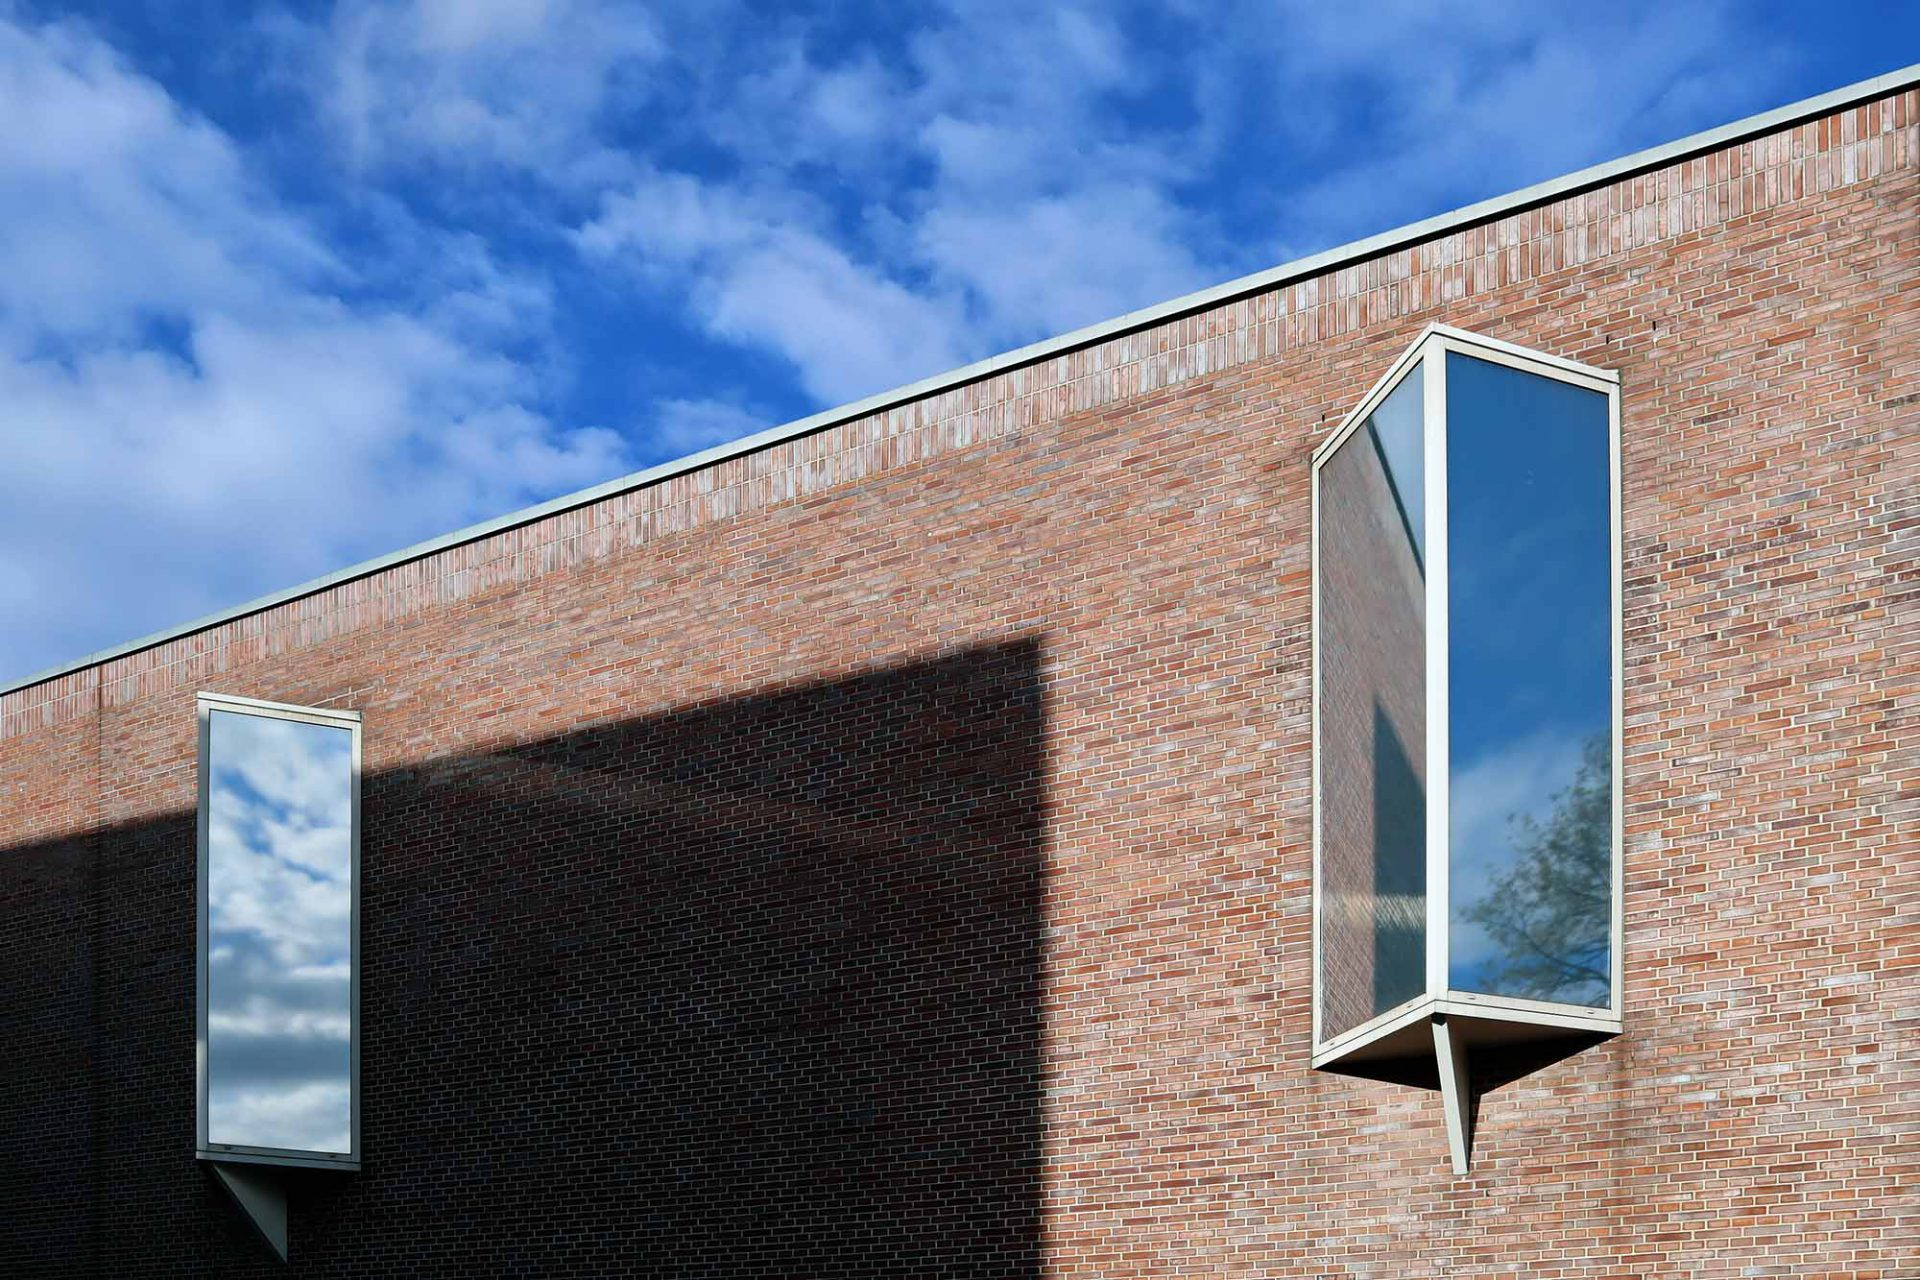 Gustav-Lübcke-Museum. Namensgeber ist der Kunsthändler Gustav Lübcke aus Düsseldorf, der seine Sammlung 1917 an seine Heimatstadt Hamm übergeben hat.